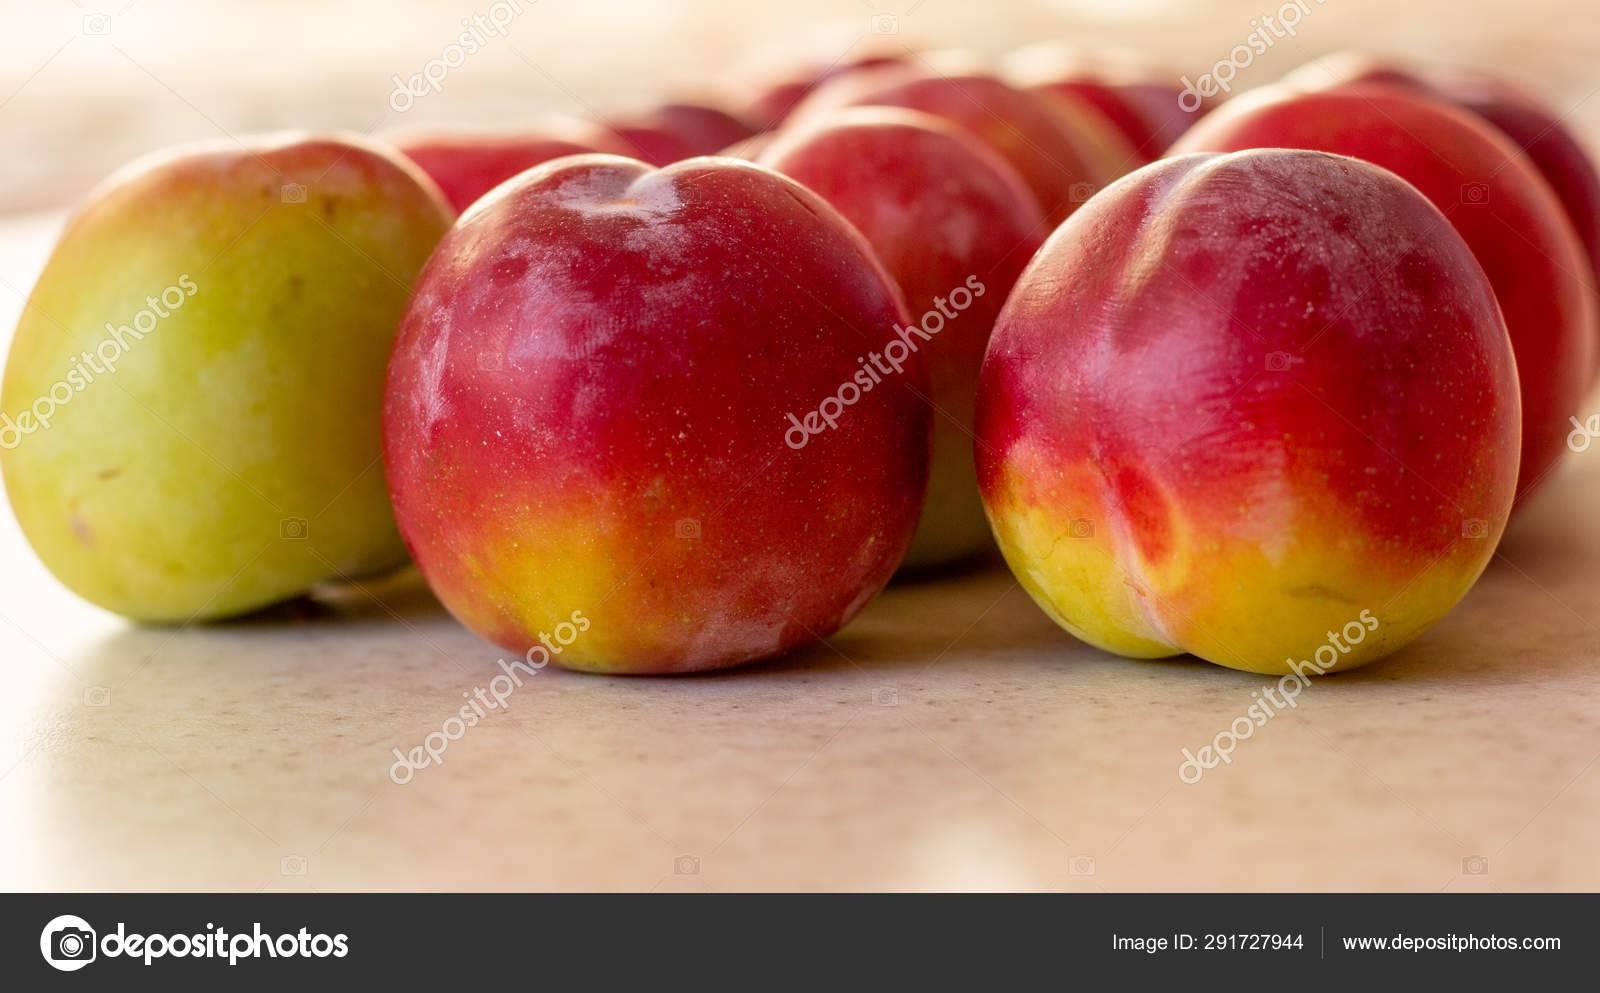 Сорта гибридов персика и сливы название. гибриды сливы, абрикоса и персика: названия и описание новых фруктов